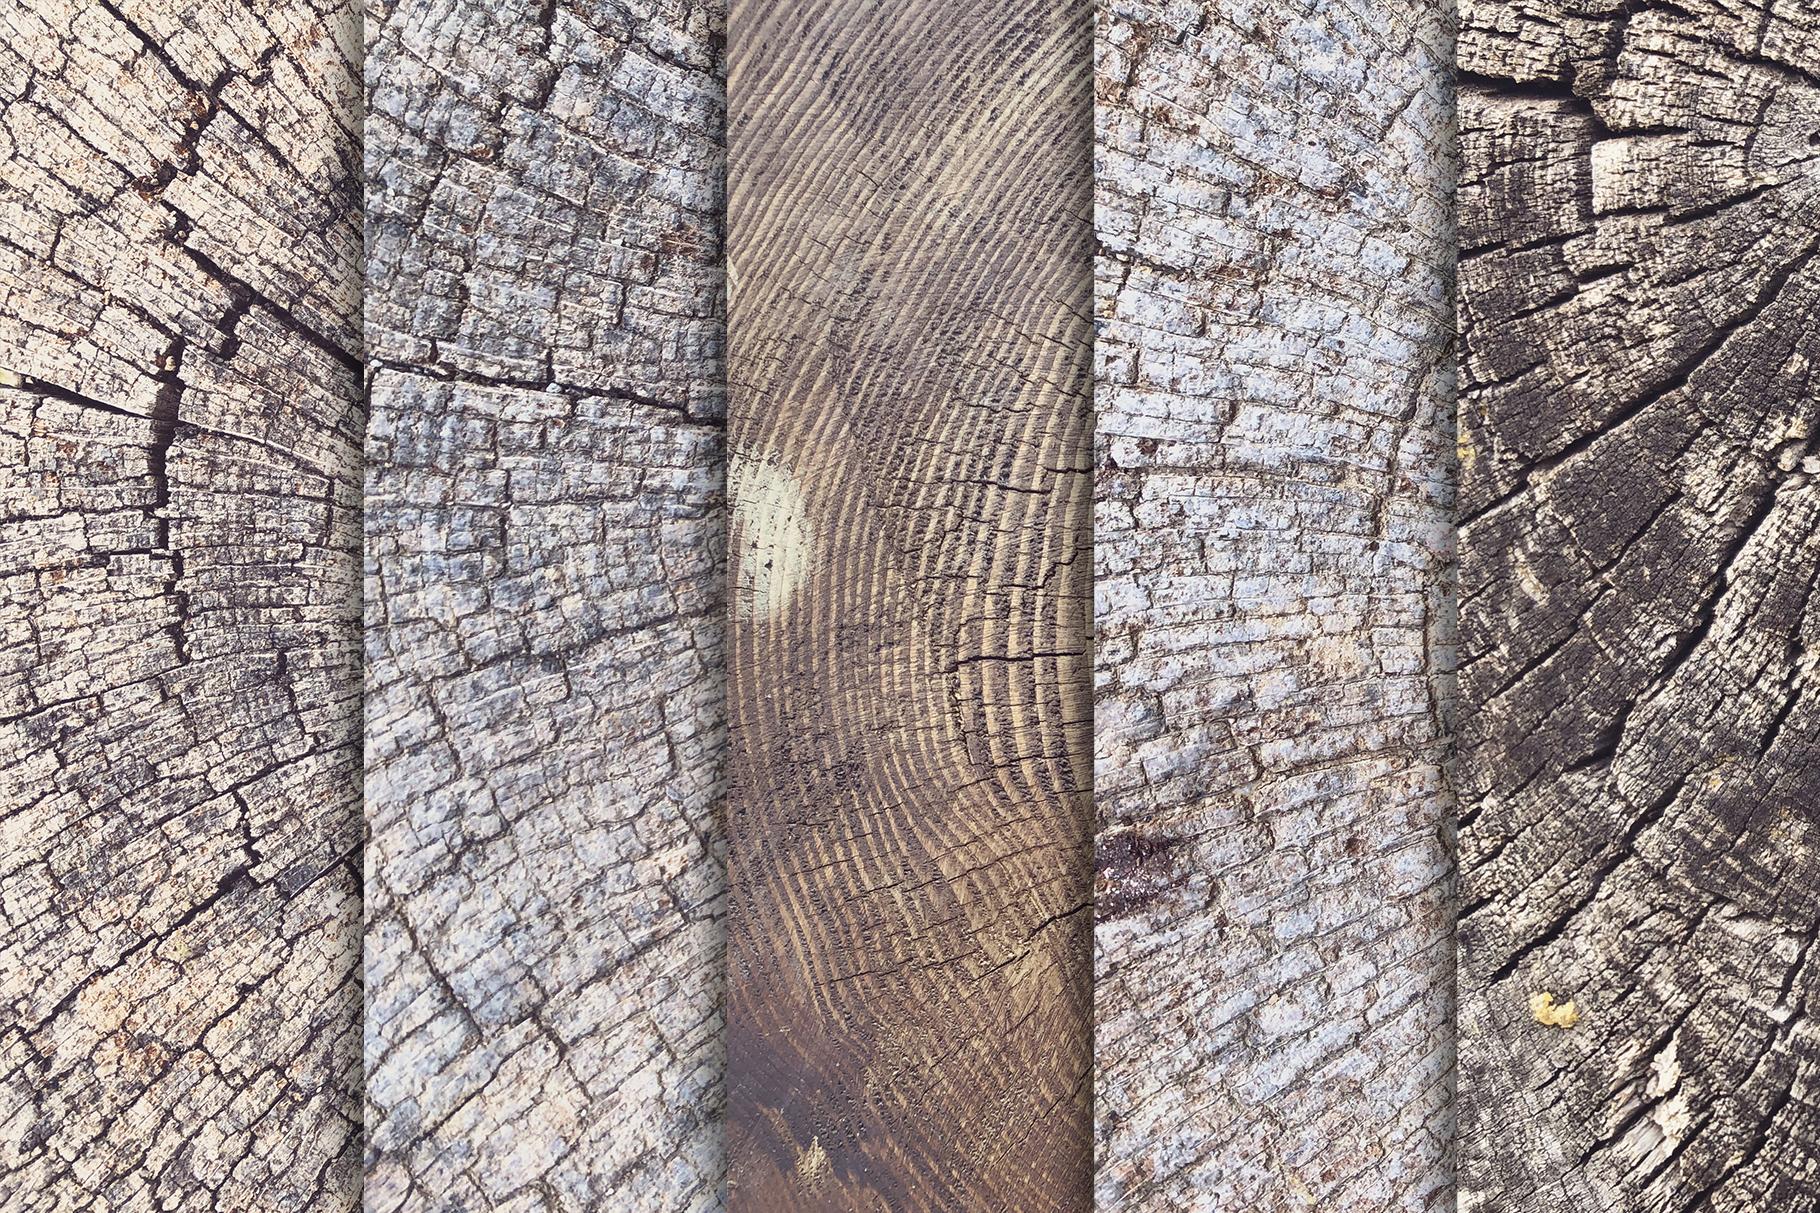 10款树木年轮背景纹理 Tree Trunk Stump Textures X10插图(1)